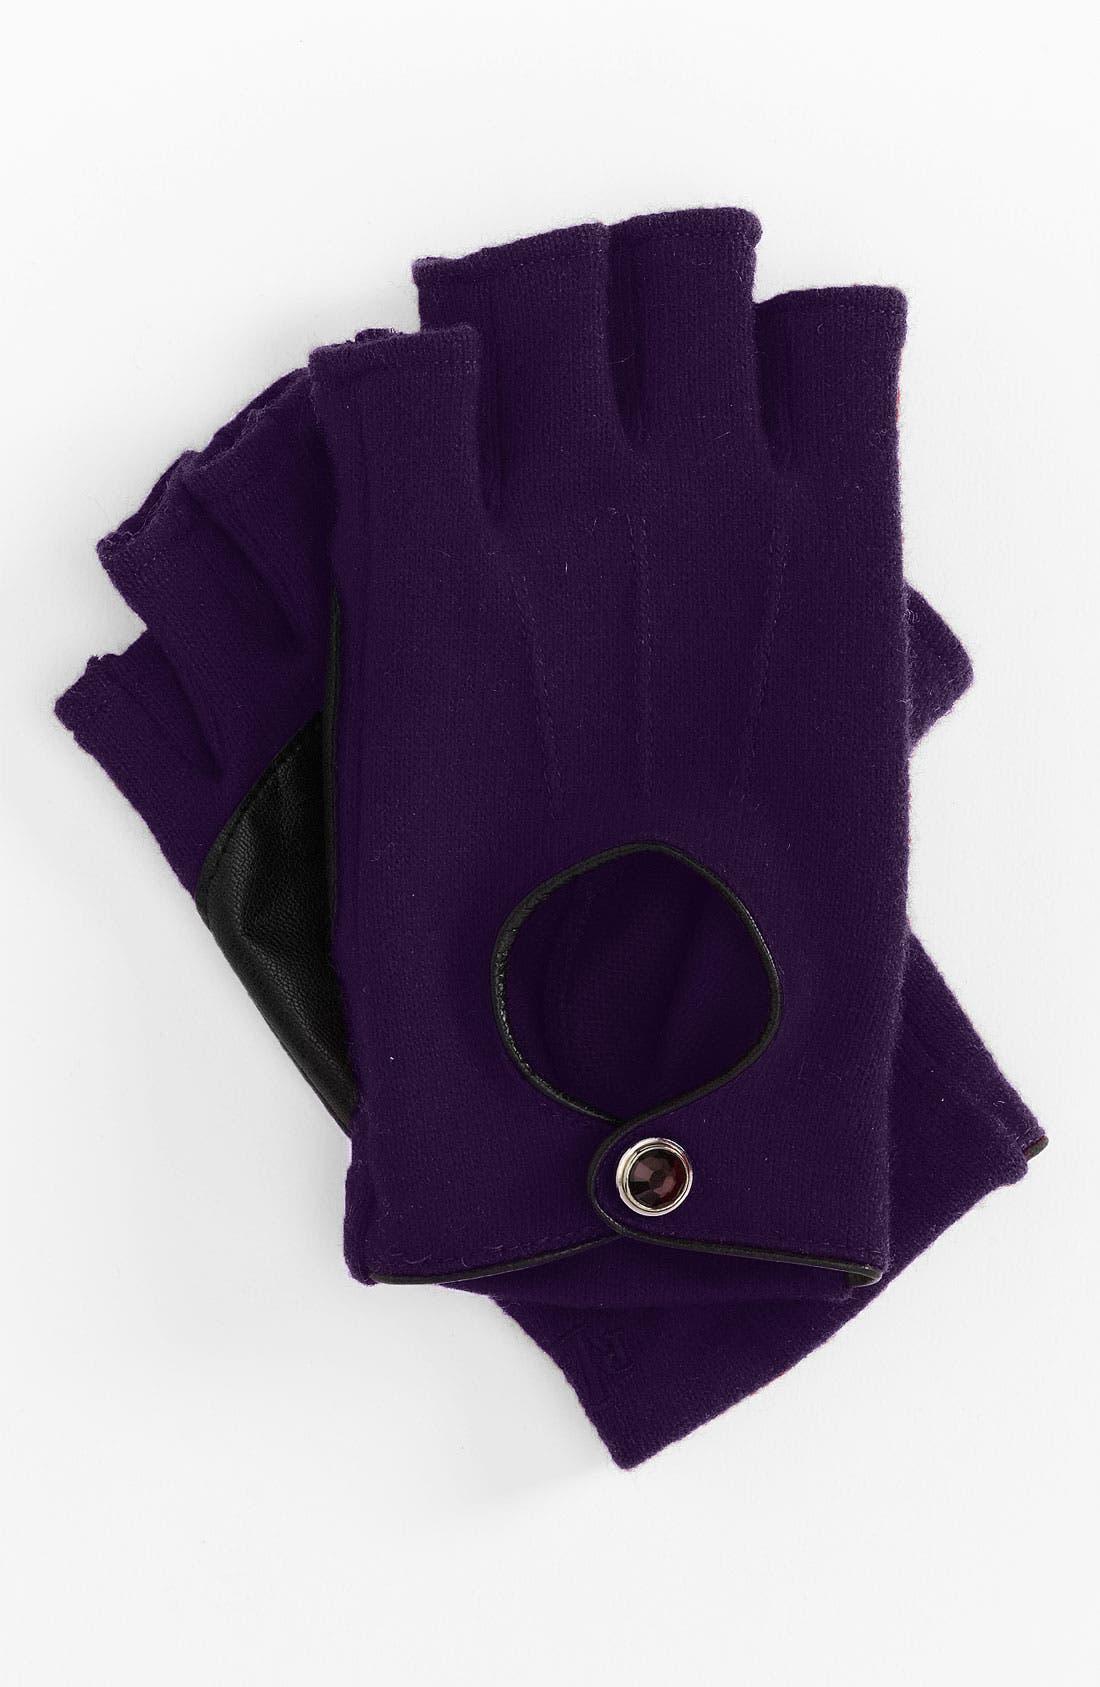 Alternate Image 1 Selected - Lauren Ralph Lauren Fingerless Driving Gloves